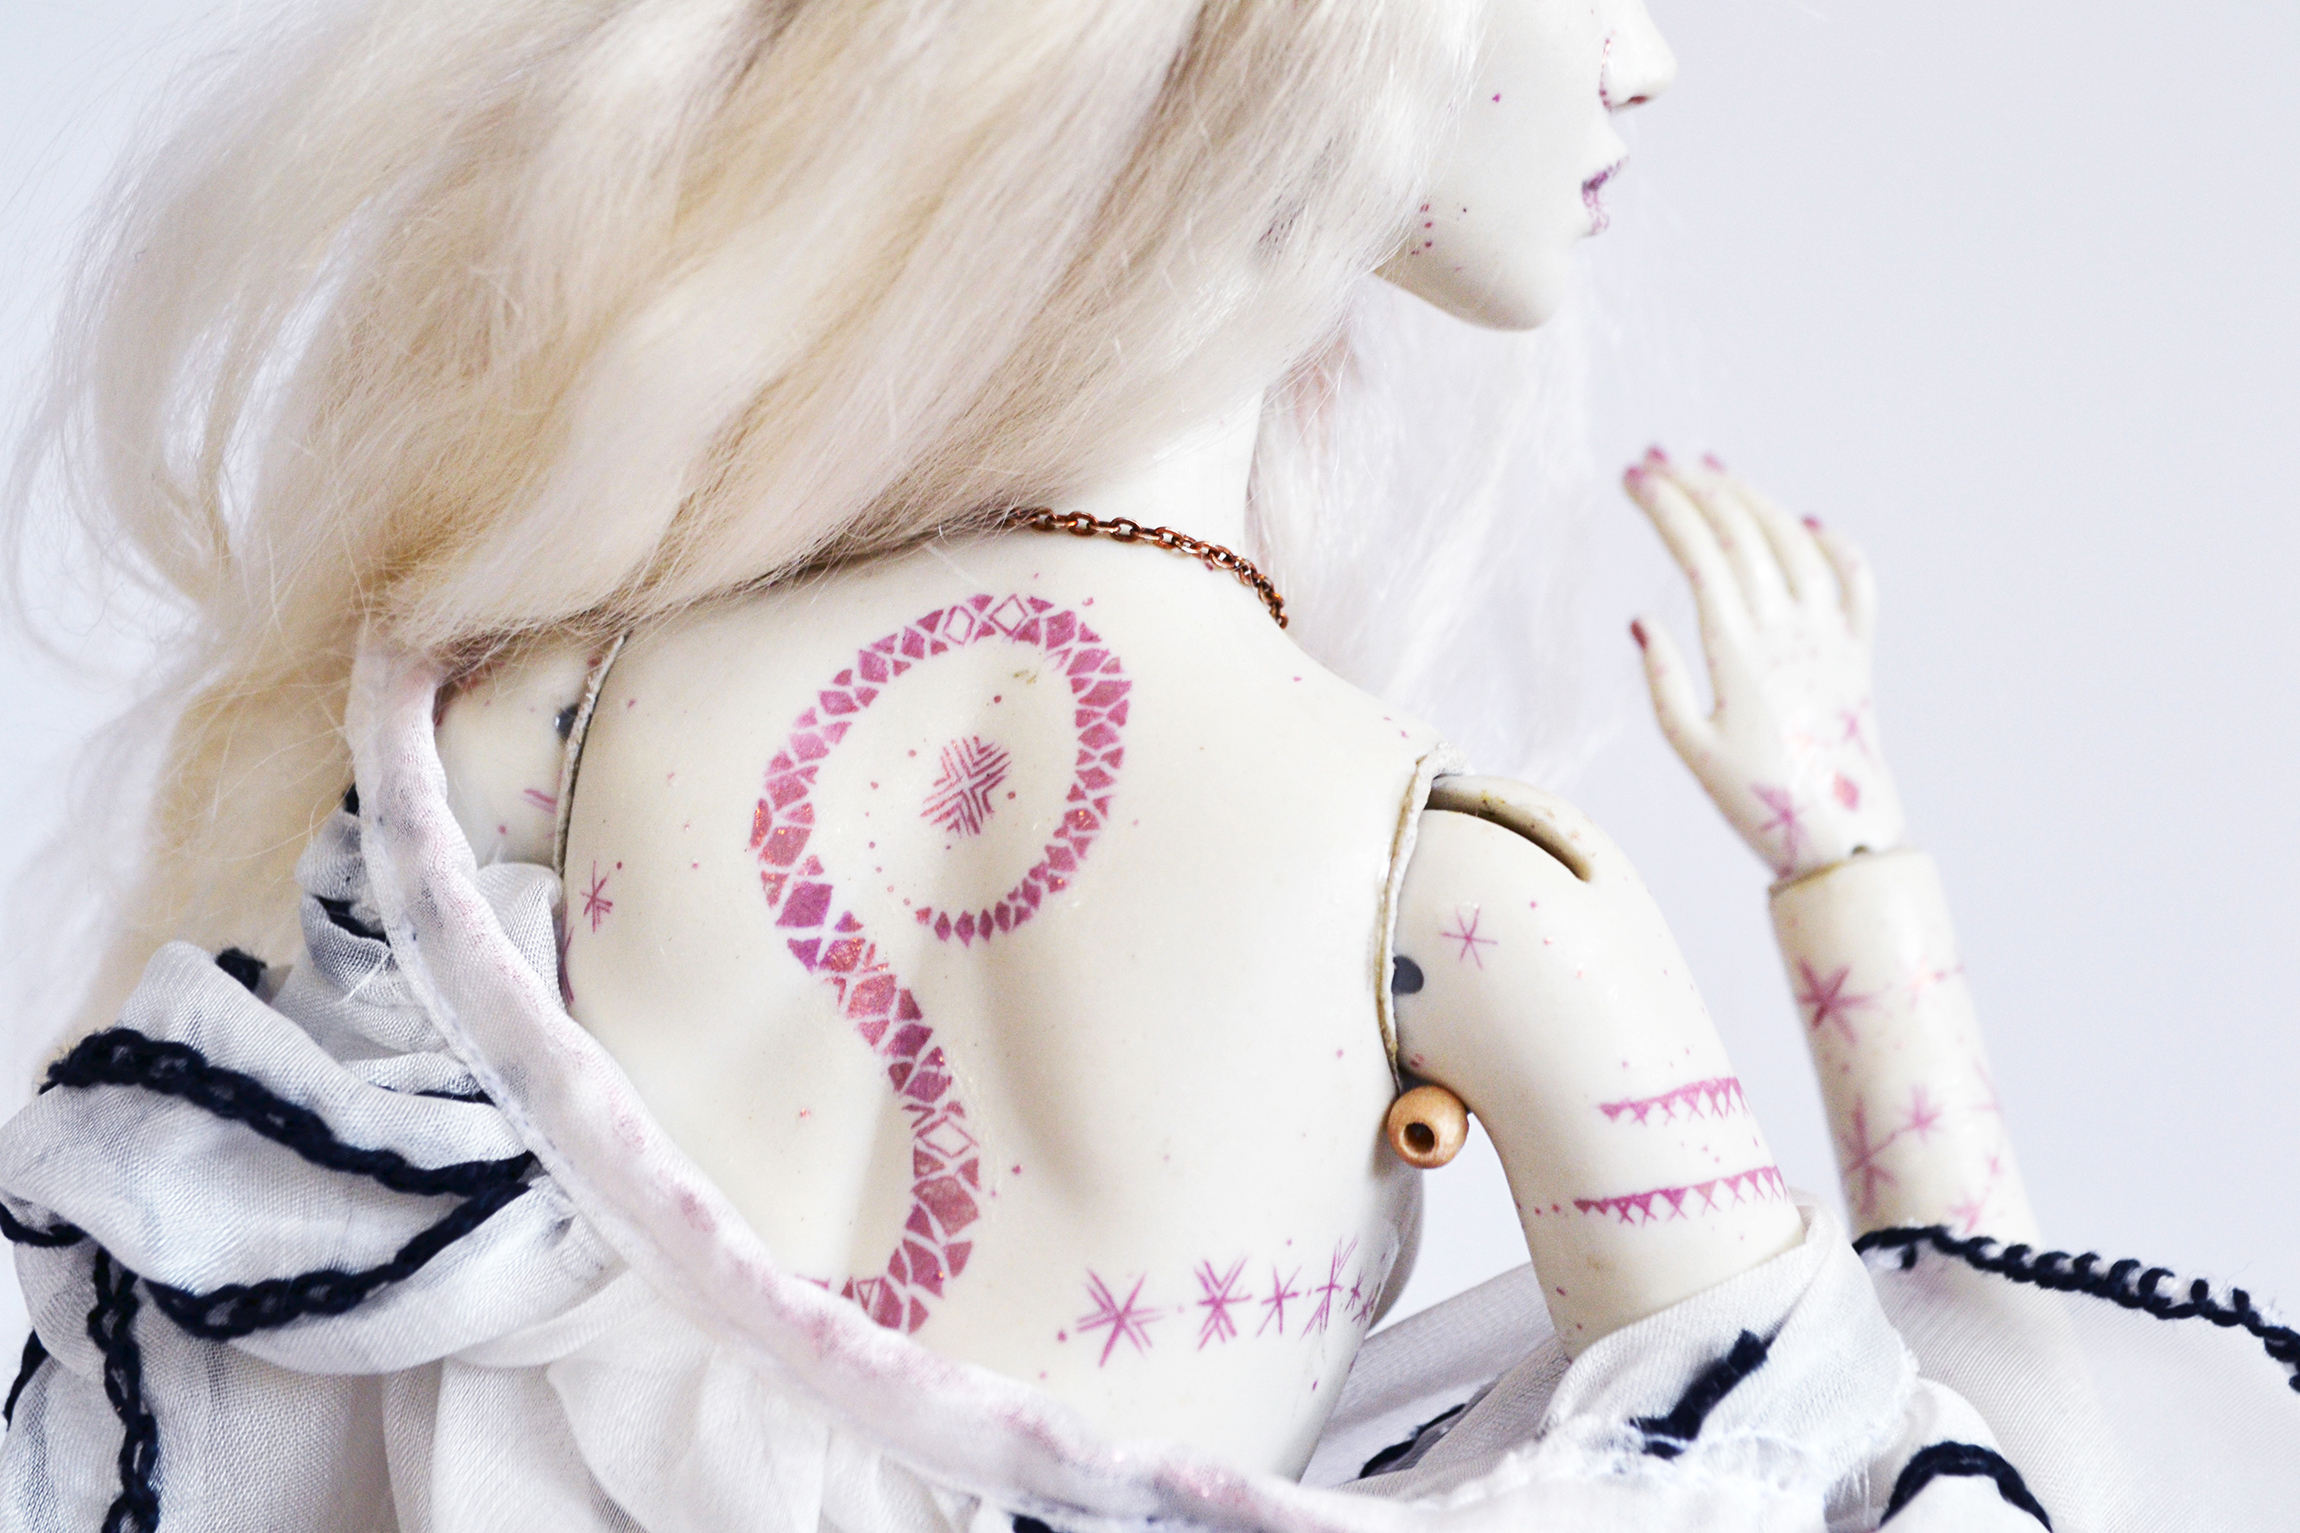 dragostea-doll-back-tattoo-bjd-art-dolls-allistration